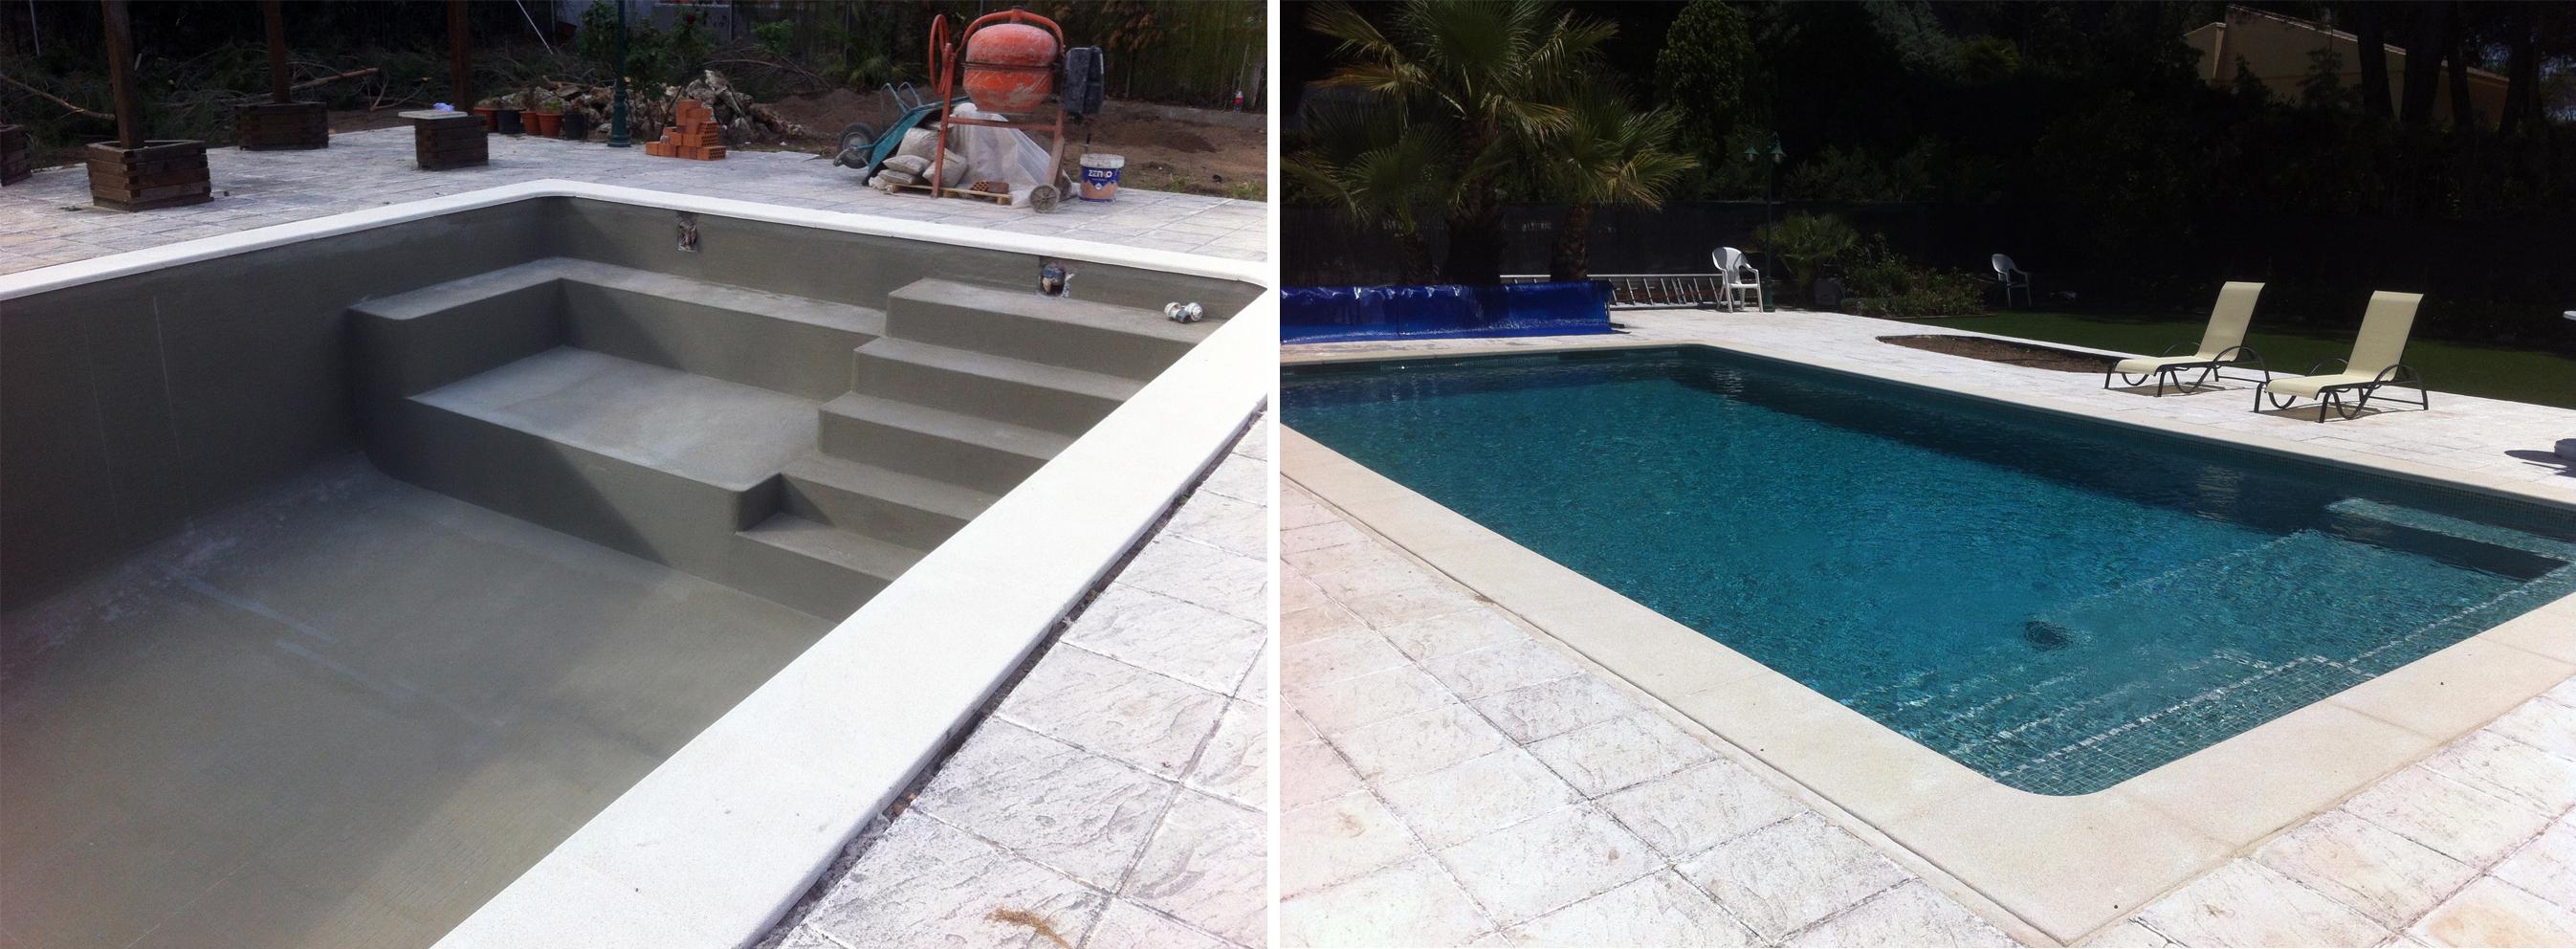 Fotos de piscinas de obra free with fotos de piscinas de - Piscina de obra ...